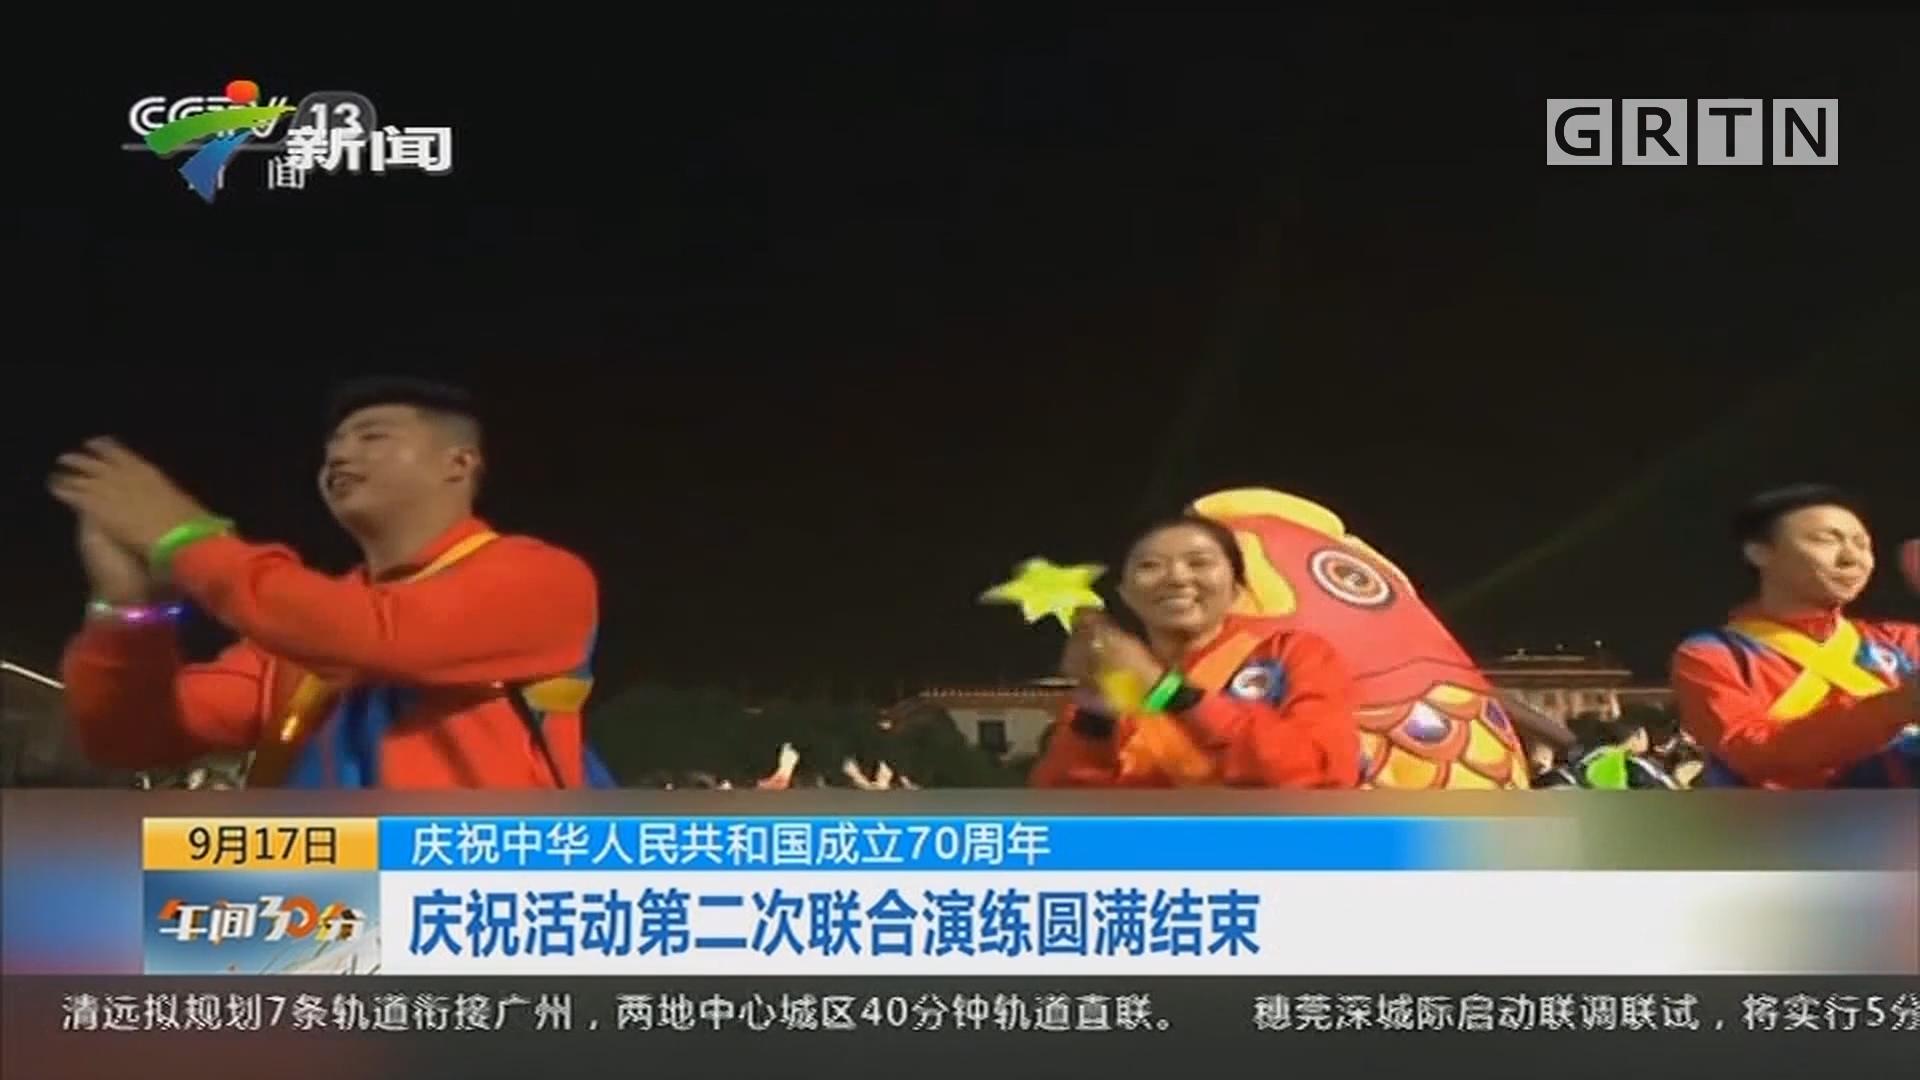 庆祝中华人民共和国成立70周年:庆祝活动第二次联合演练圆满结束